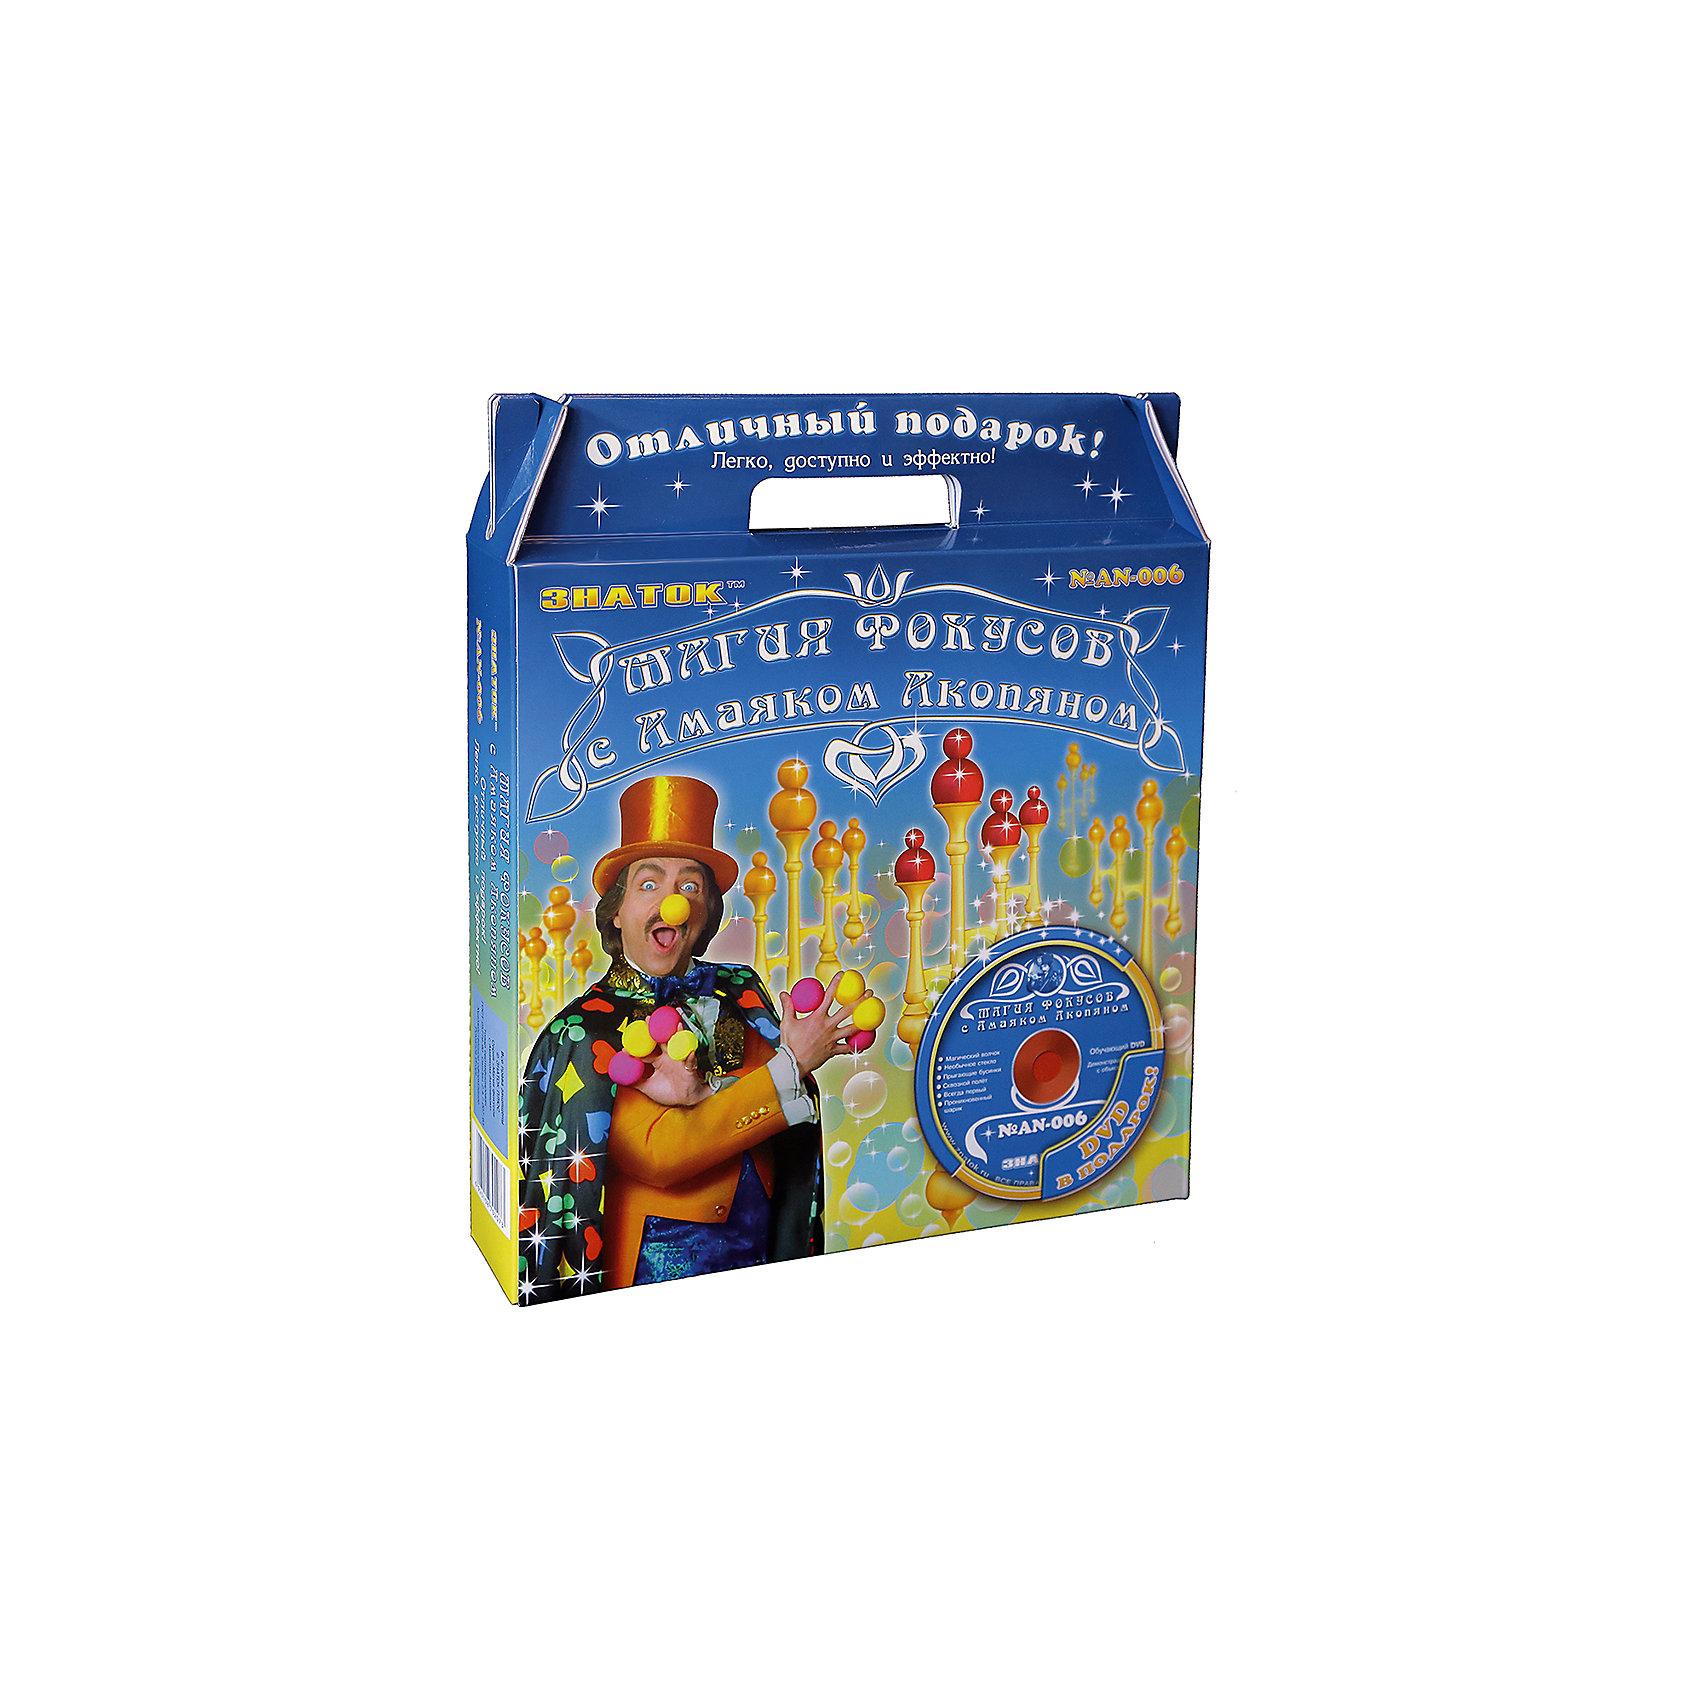 Набор с видеокурсом Магия фокусов с Амаяком АкопяномФокусы и розыгрыши<br>Набор с видеокурсом Магия фокусов с Амаяком Акопяном, Знаток<br><br>Характеристики:<br><br>• поможет ребенку стать настоящим фокусником<br>• содержит весь необходимый реквизит<br>• в комплекте: реквизит для 6 фокусов, DVD, инструкция<br>• 6 фокусов: Магический волчок, Необычное стекло, Прыгающая бусинка, Сквозной полет, Всегда первый, Проникновенный шарик<br>• размер упаковки: 33х5х38 см<br>• вес: 700 грамм<br>• видеокурс: 40-45 минут<br>• материал: пластик, бумага<br><br>Набор Магия фокусов с Амаяком Акопяном позволит ребенку почувствовать себя настоящим иллюзионистом. В набор входит подробная инструкция, DVD диск и весь необходимый реквизит. Ребенок научится управлять волшебным волчком, узнает о непробиваемом стекле и многое другое. Эта игра поможет ребенку раскрыть талант артиста и погрузиться в атмосферу тайн магии.<br><br>Набор с видеокурсом Магия фокусов с Амаяком Акопяном, Знаток вы можете купить в нашем интернет-магазине.<br><br>Ширина мм: 31<br>Глубина мм: 5<br>Высота мм: 33<br>Вес г: 700<br>Возраст от месяцев: 60<br>Возраст до месяцев: 2147483647<br>Пол: Унисекс<br>Возраст: Детский<br>SKU: 5296326